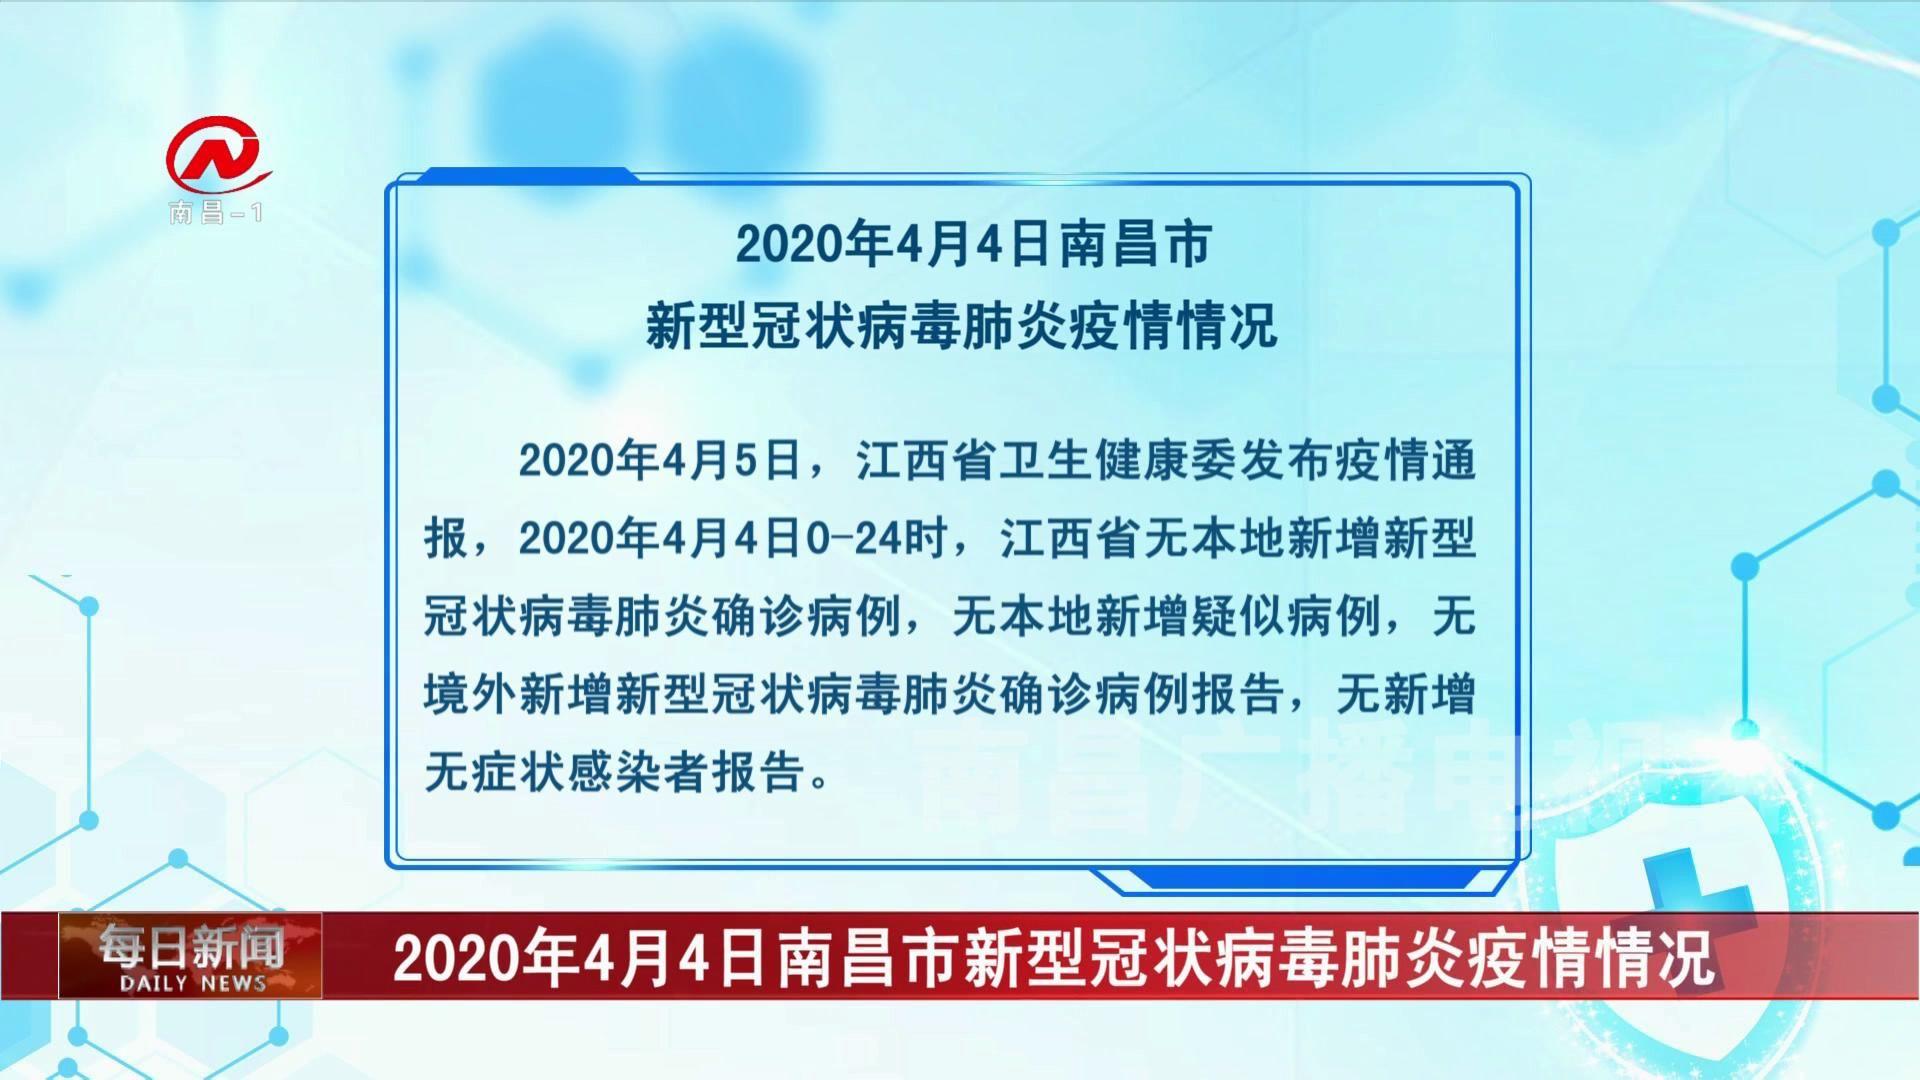 2020年4月4日南昌市新型冠状病毒肺炎疫情情况